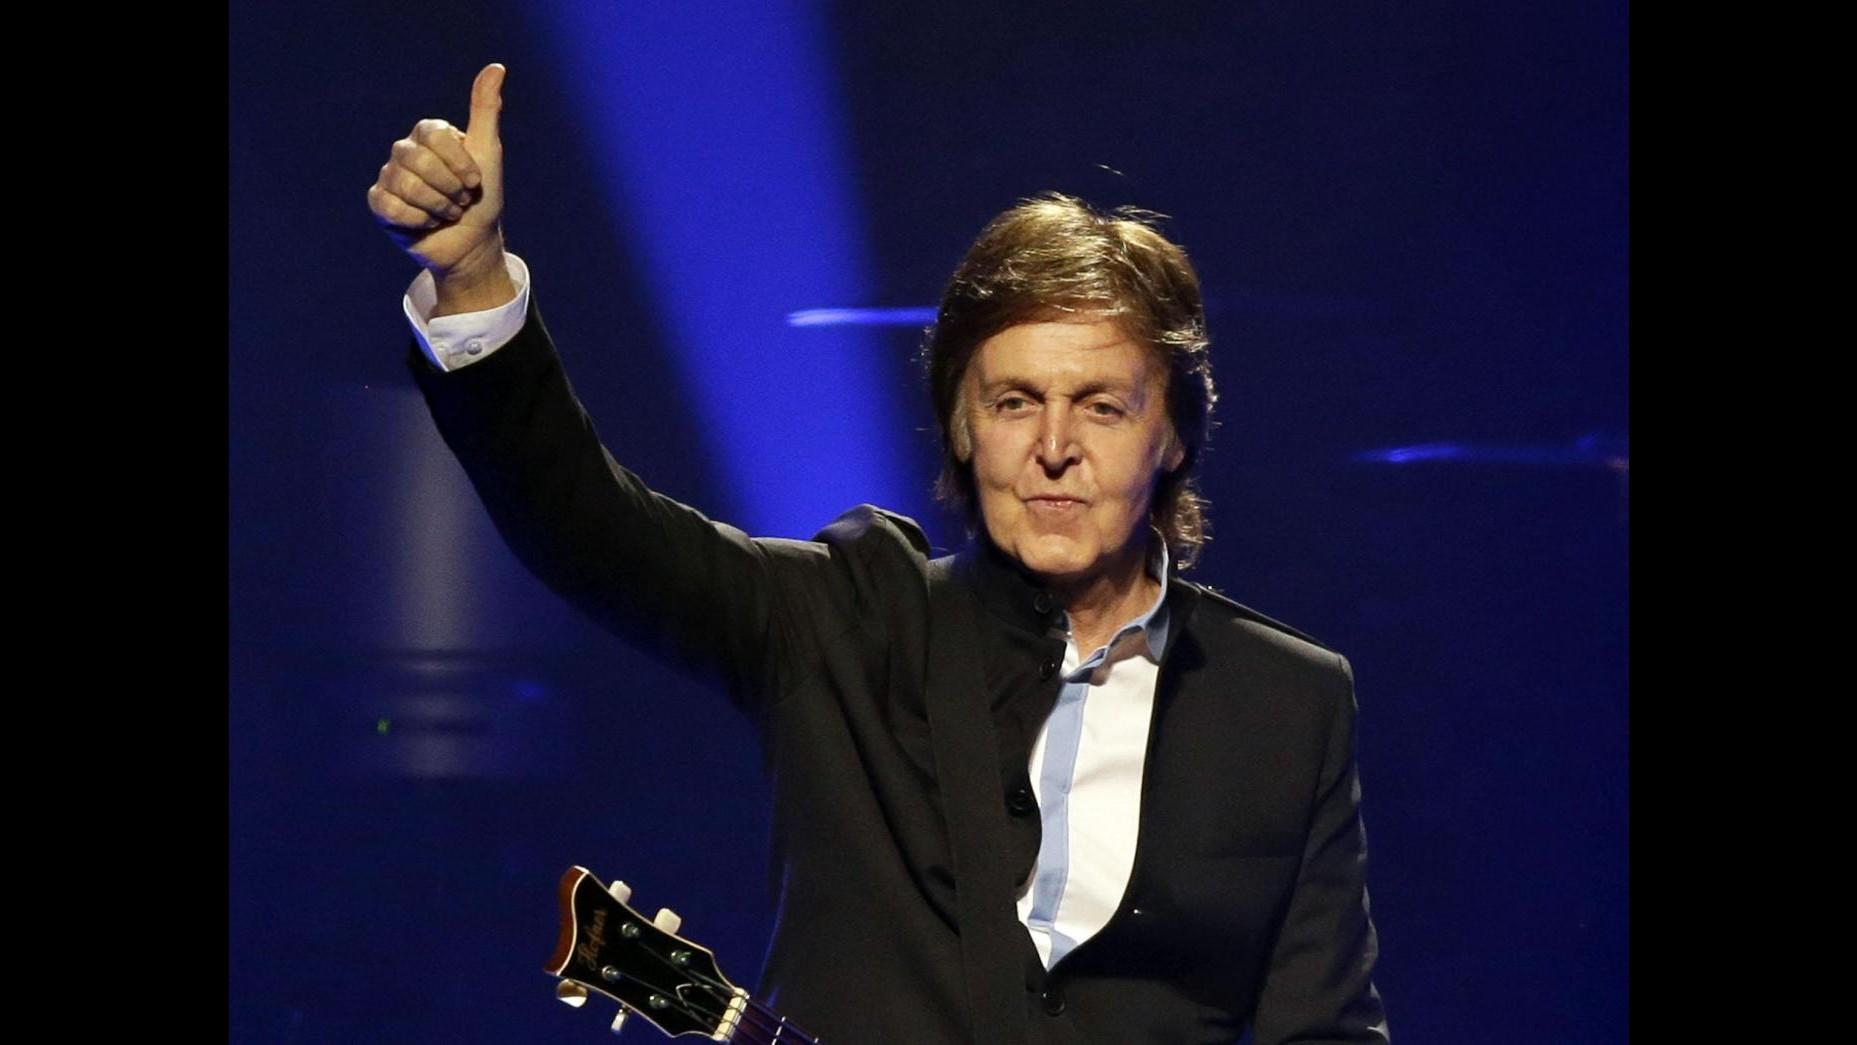 Paul McCartney all'iHeartRadio festival di Las Vegas con Muse e Lavigne